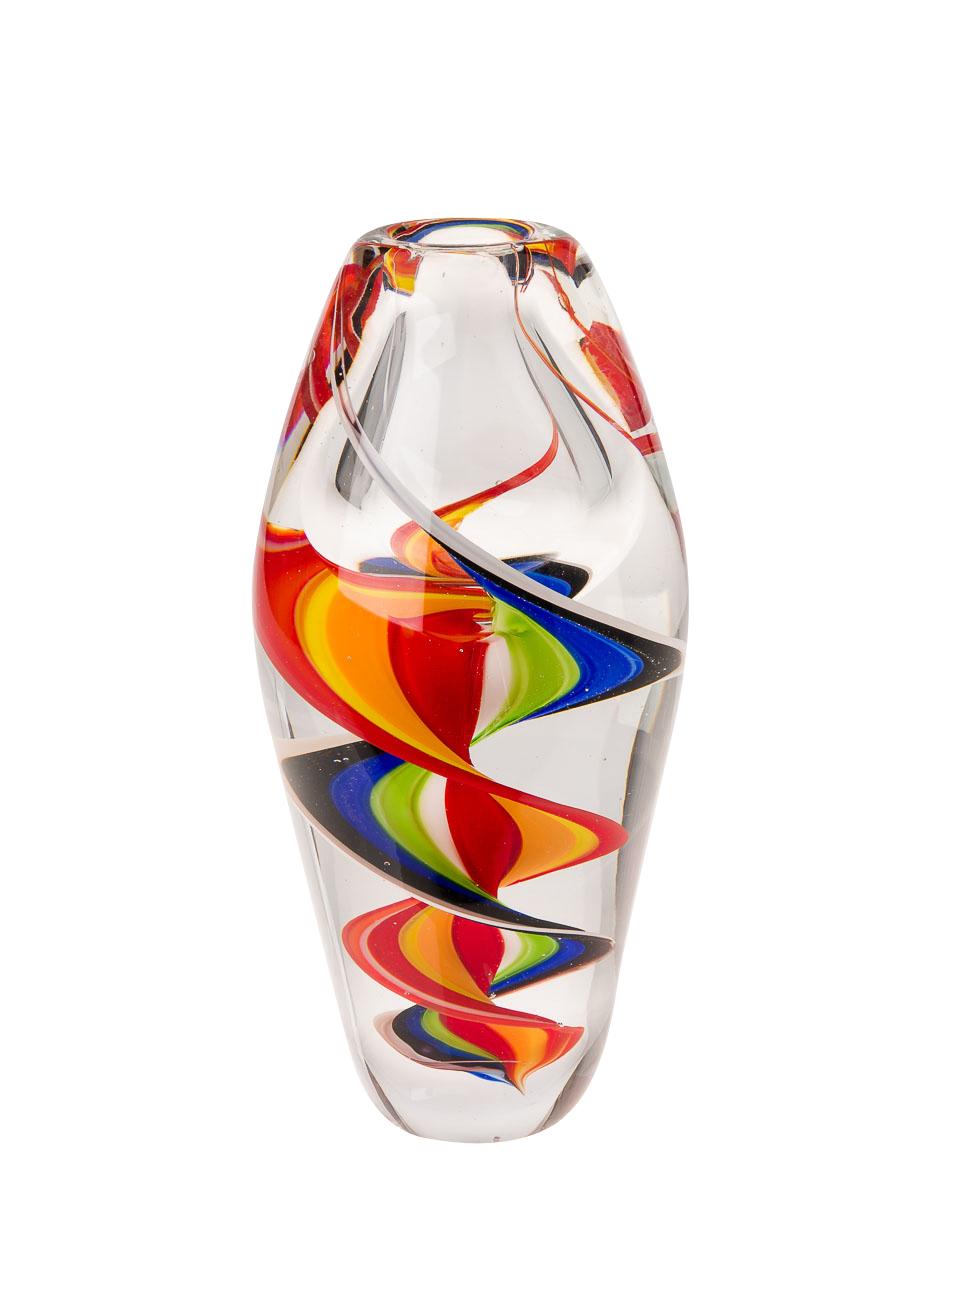 Vasi Da Tavolo.Vaso Da Tavolo Stile Murano Antico Altezza 23 Cm 3 Kg